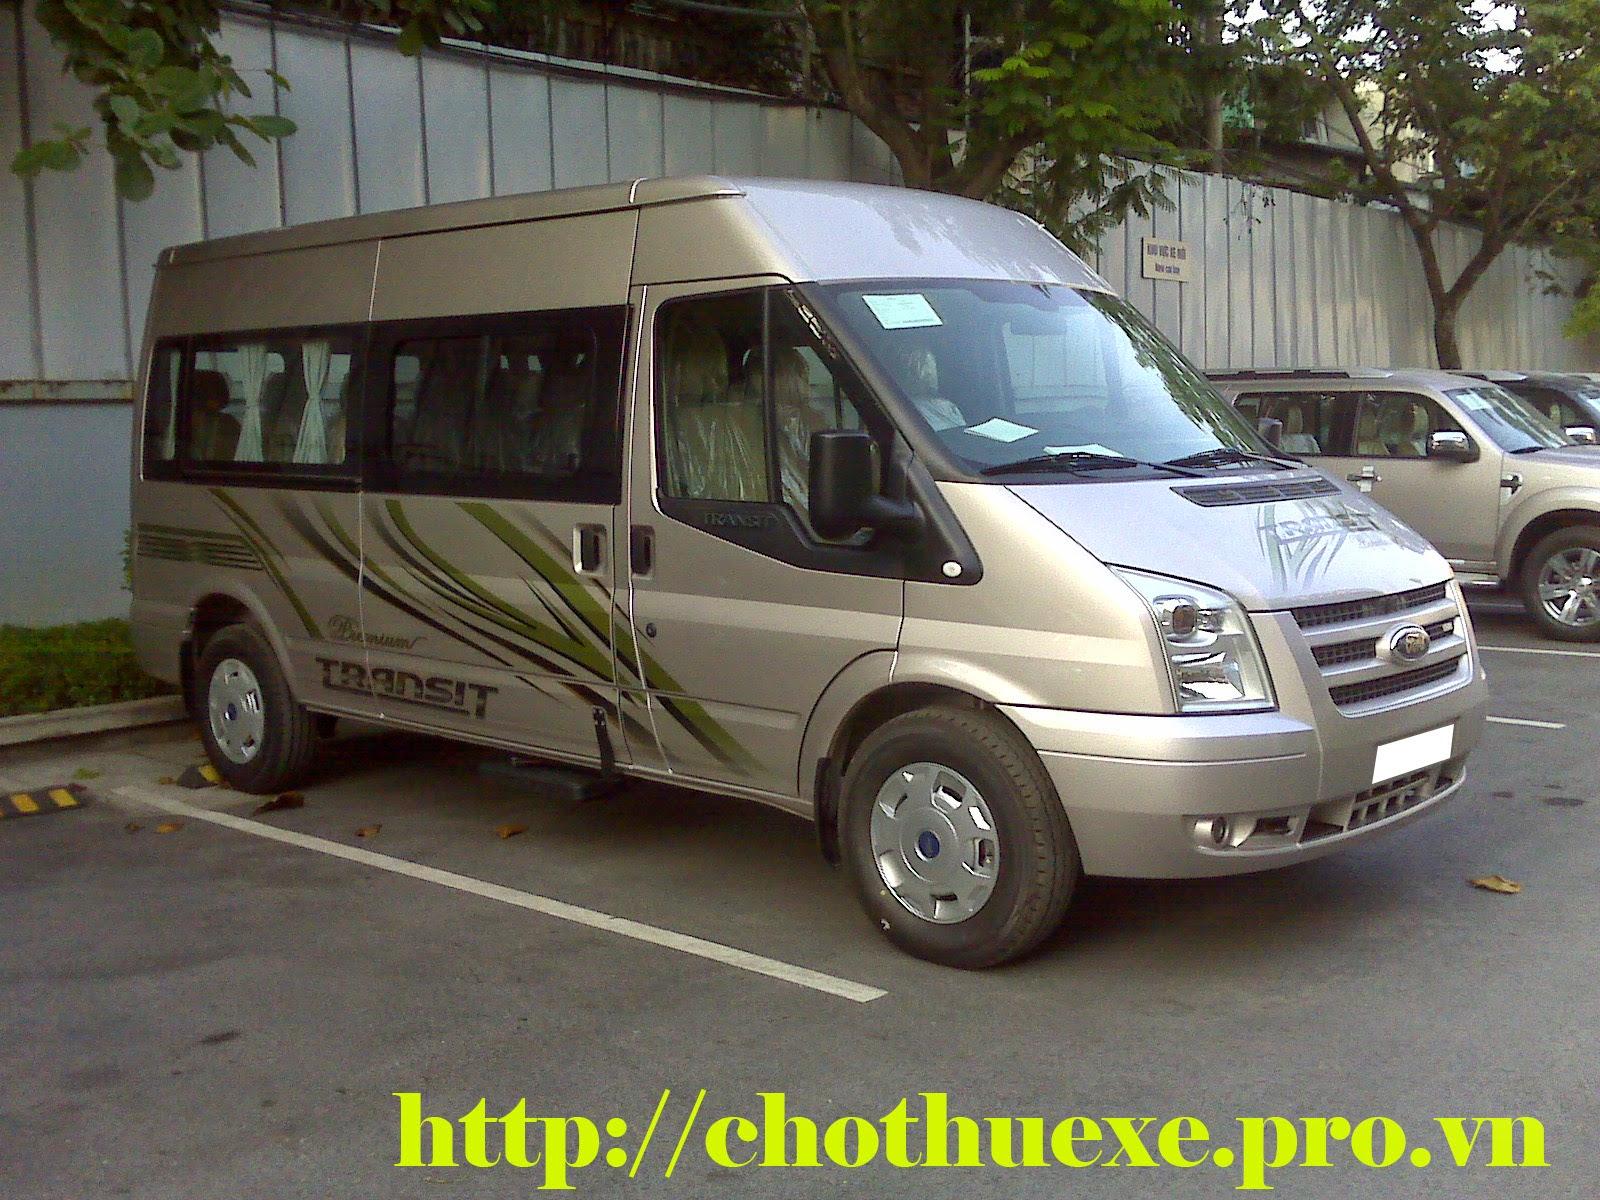 Cho thuê xe 16 chỗ đi Chùa Dâu giá rẻ, chất lượng cao tại Hà Nội